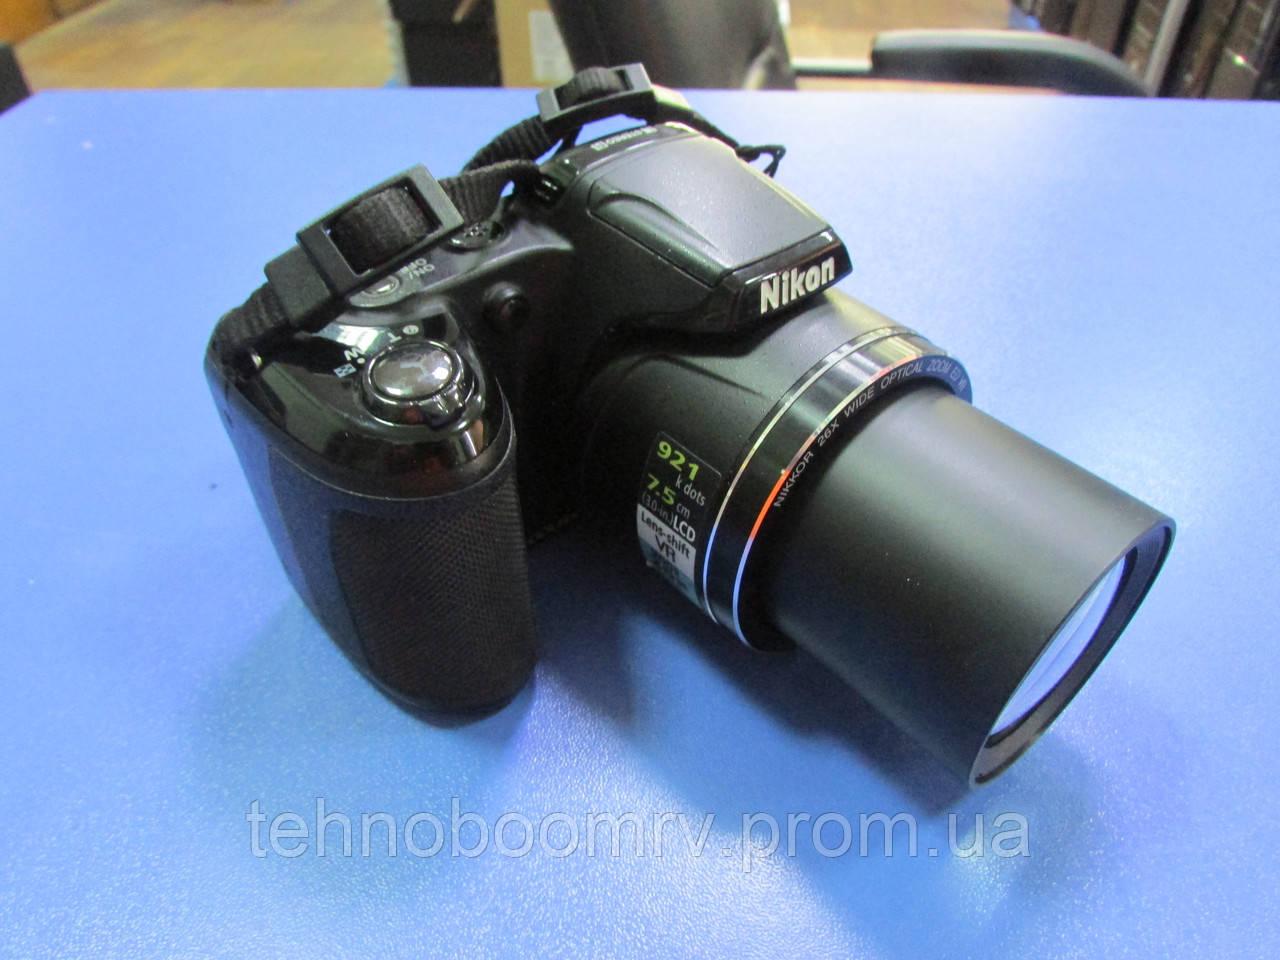 Nikon Coolpix L810 16 26 4 1